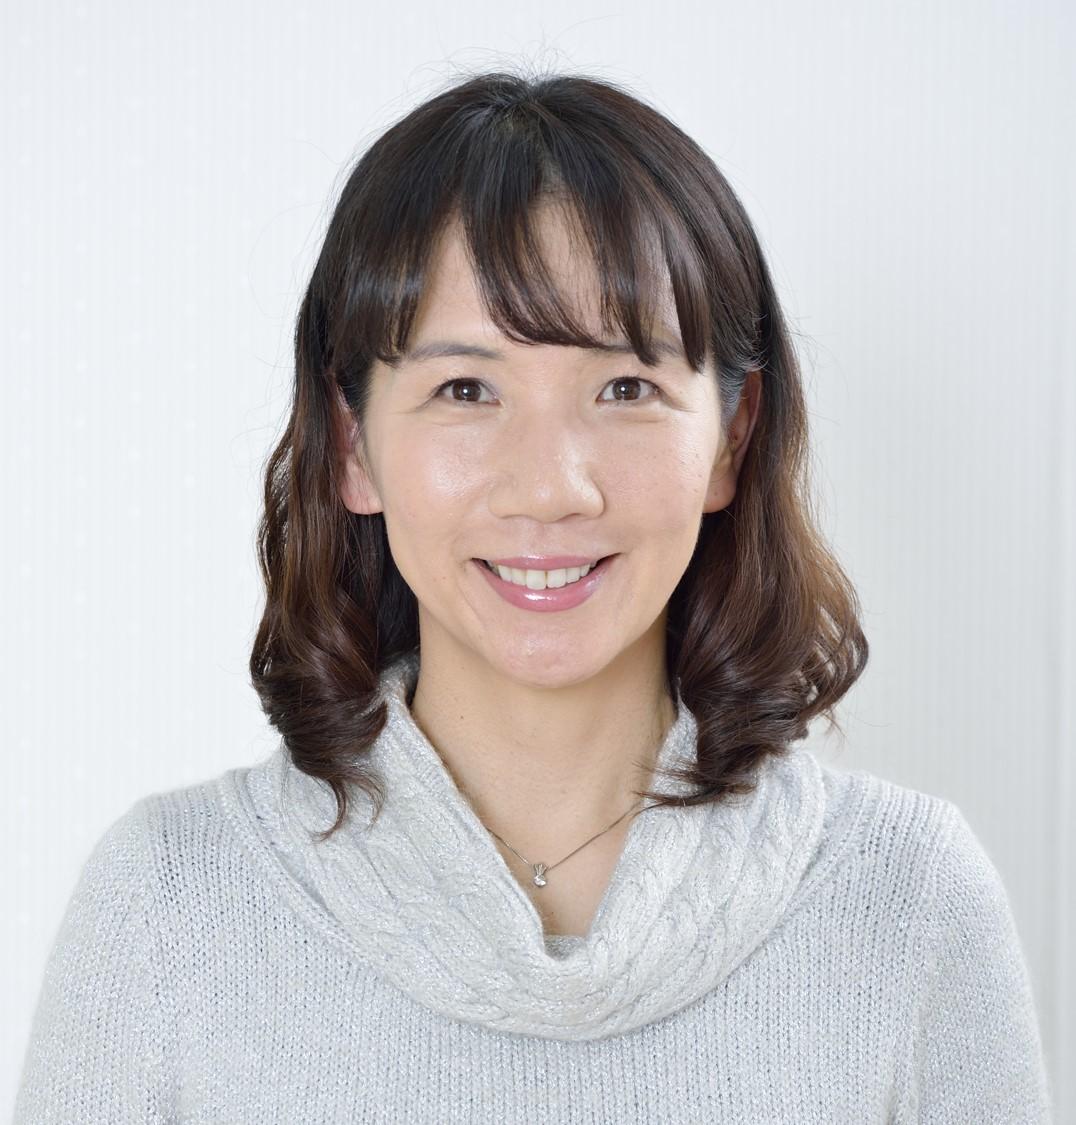 西村多寿子(にしむら たずこ)